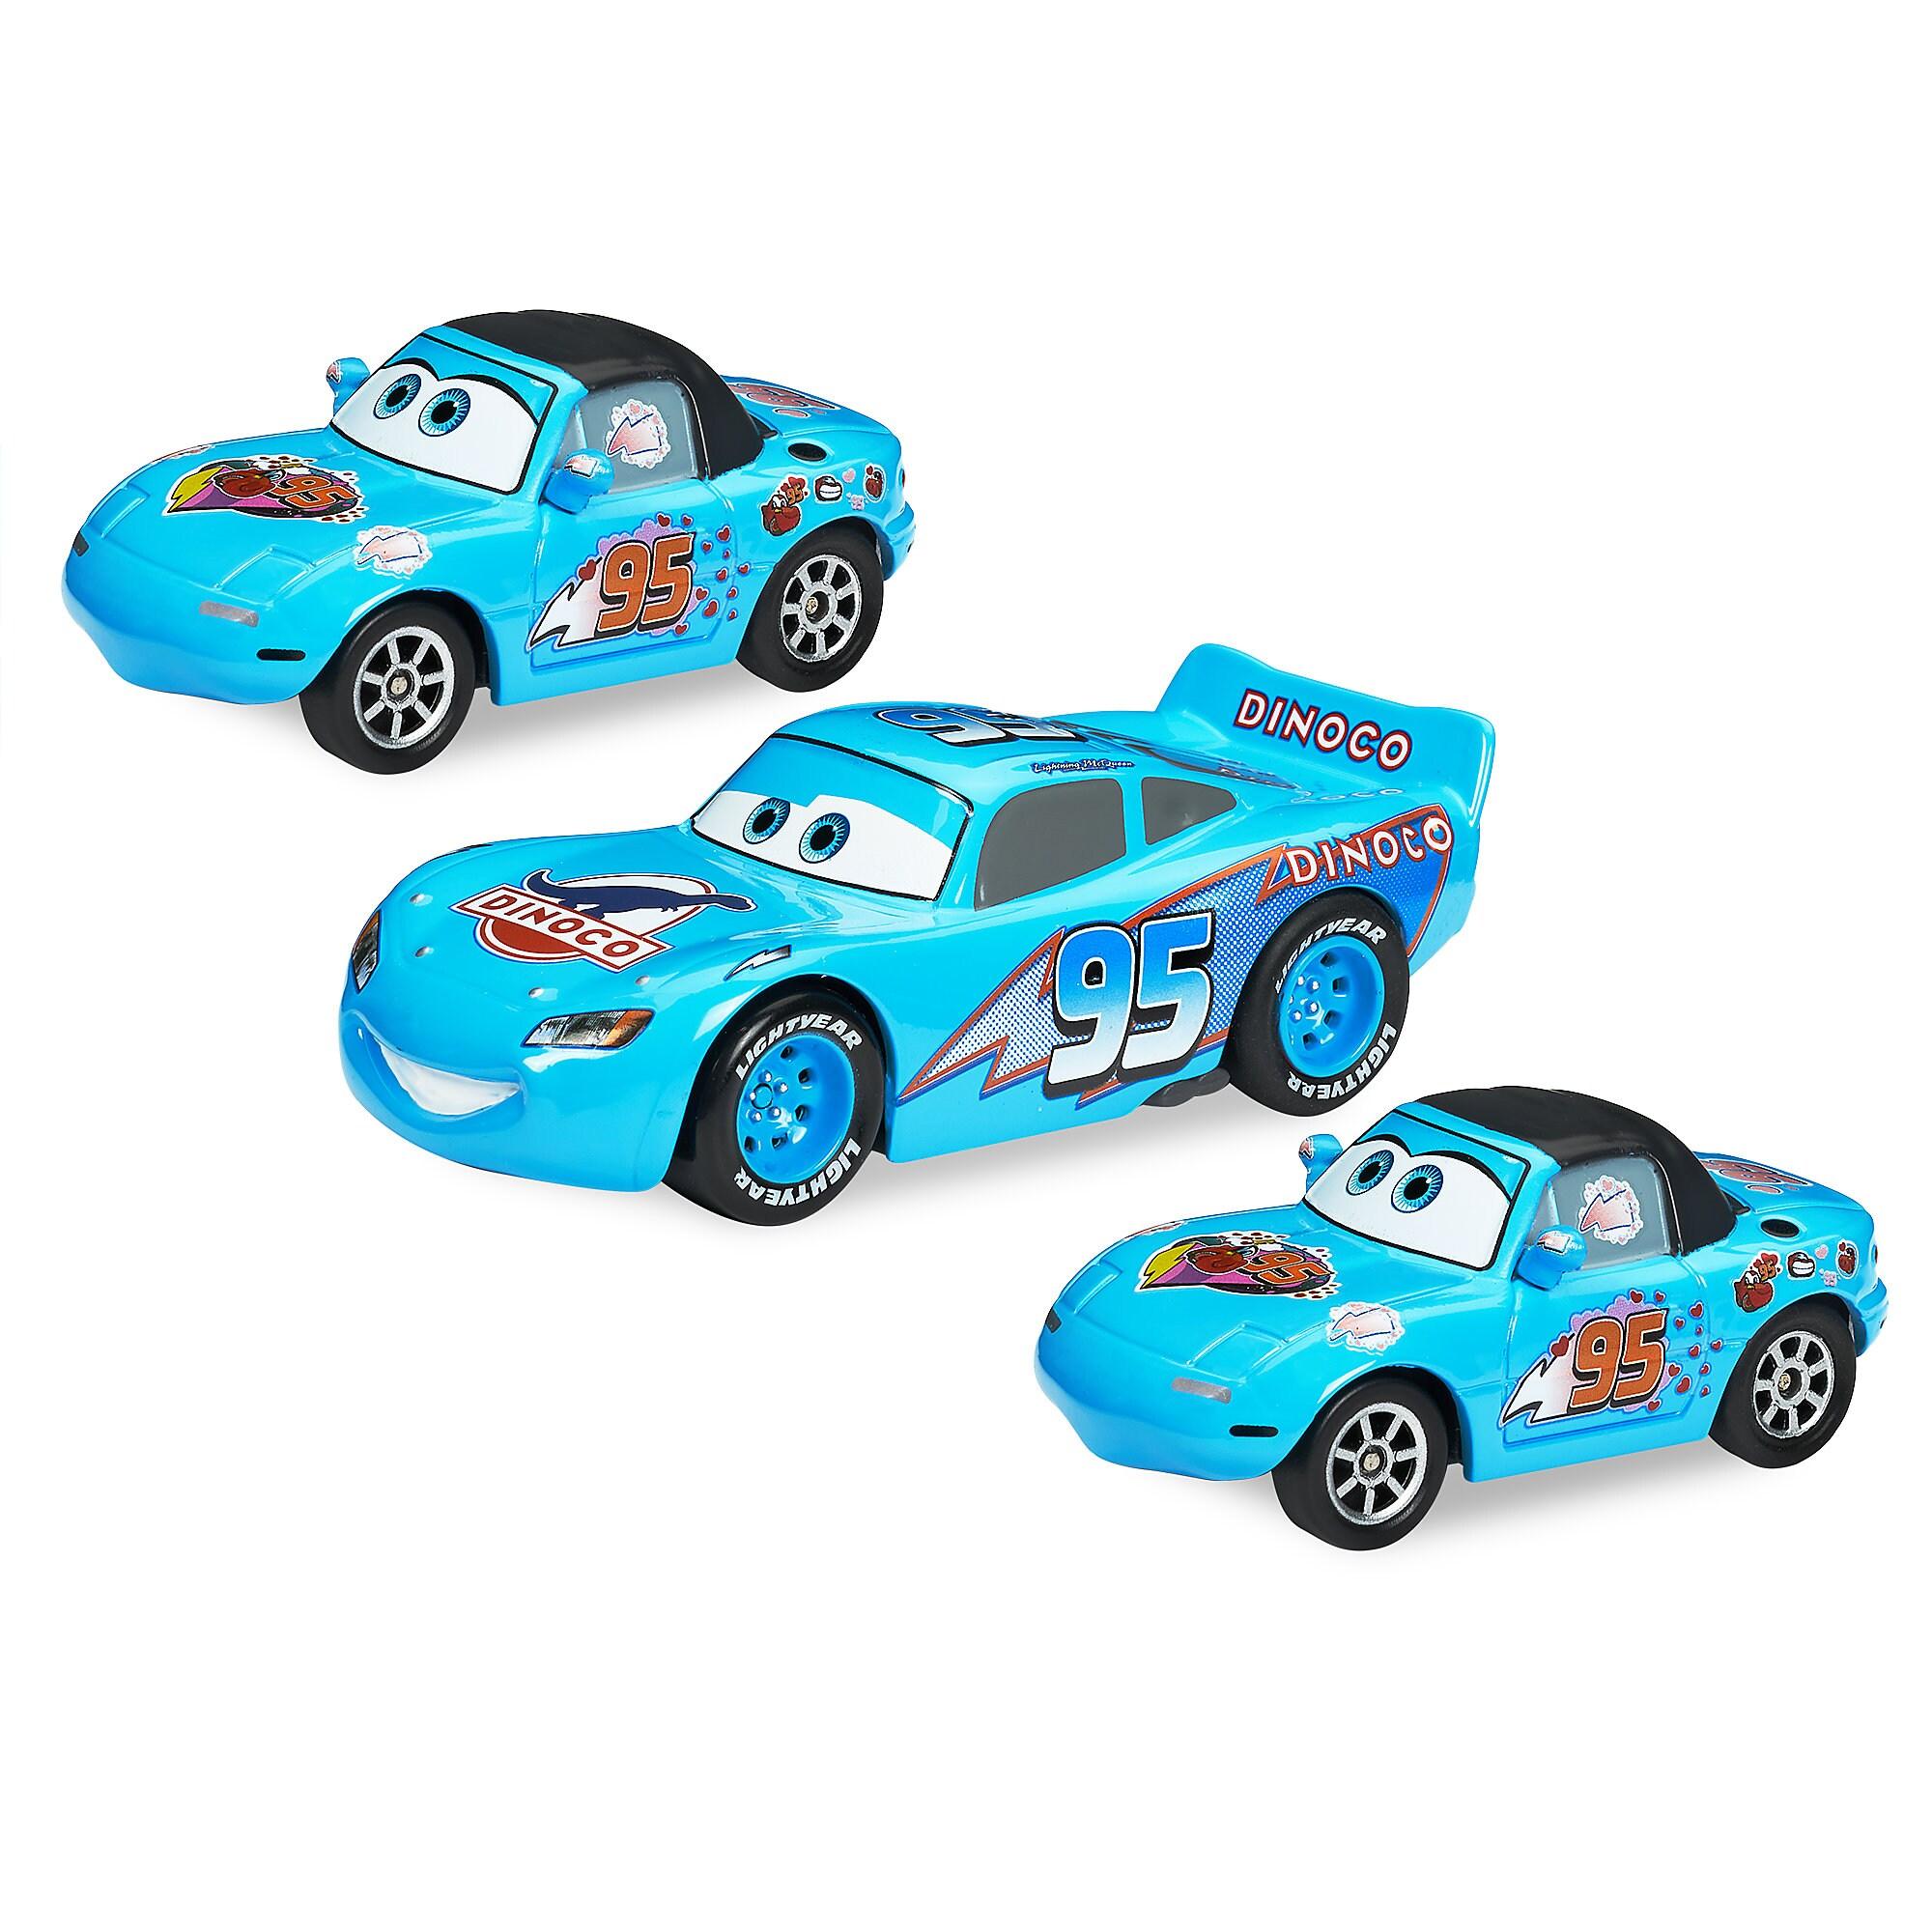 Dinoco Dream Pull 'N' Race Die Cast Set - Cars